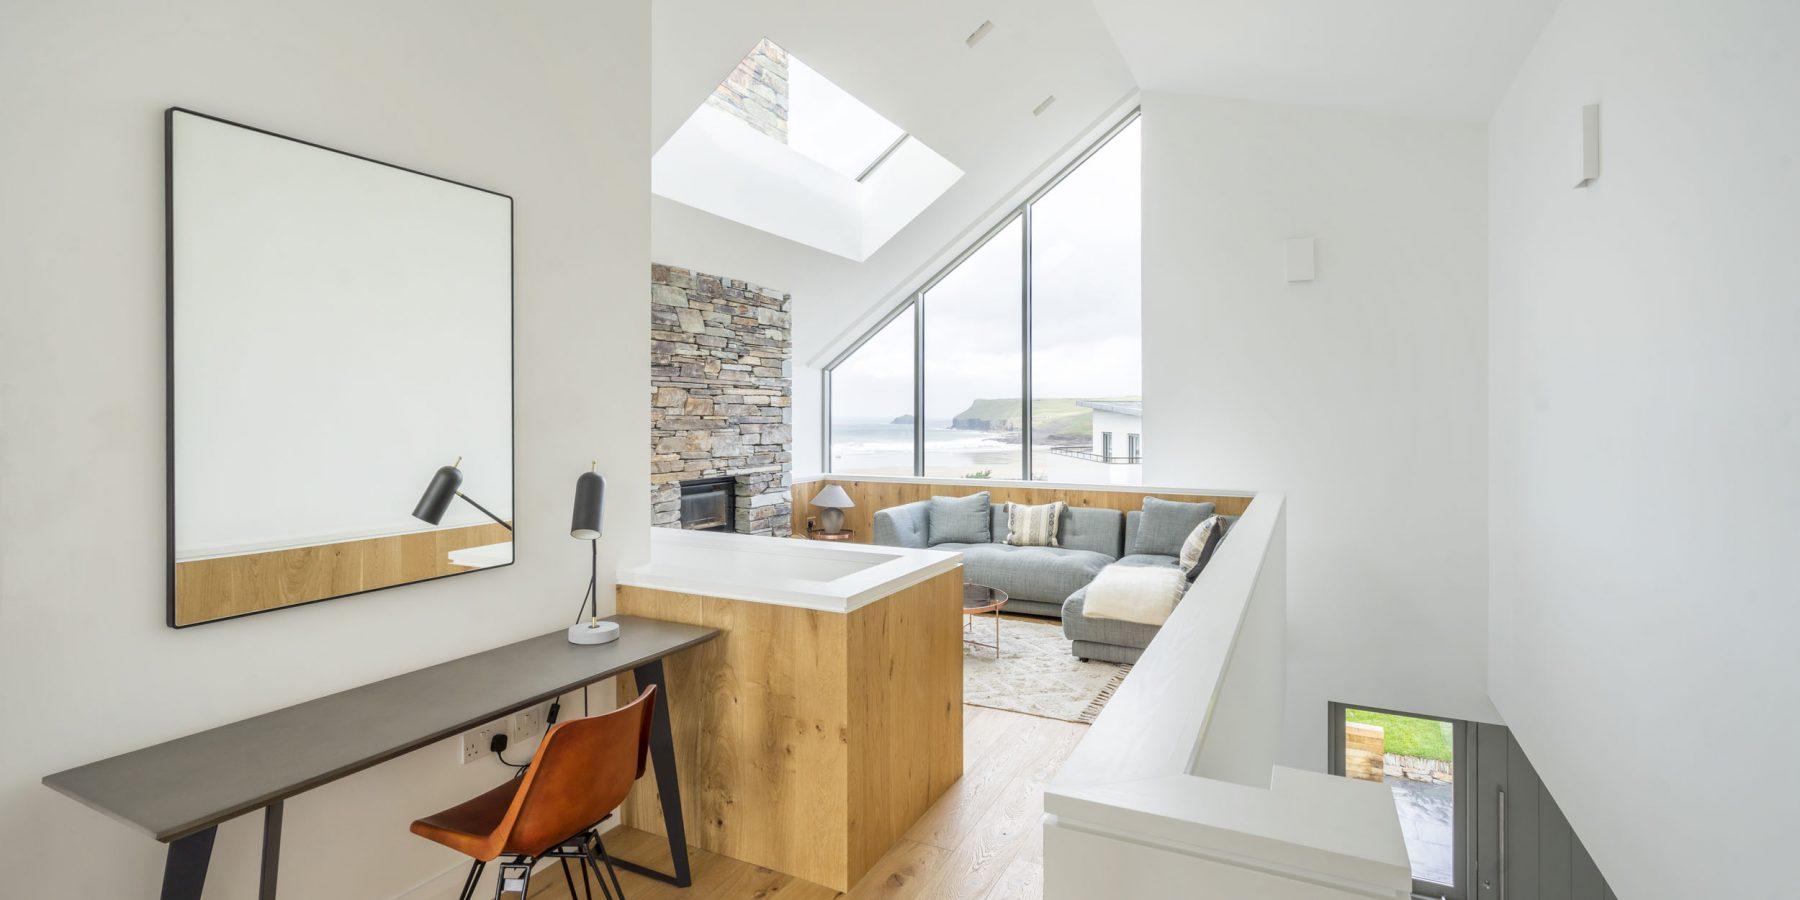 Modern room with big windows and hard wood floor